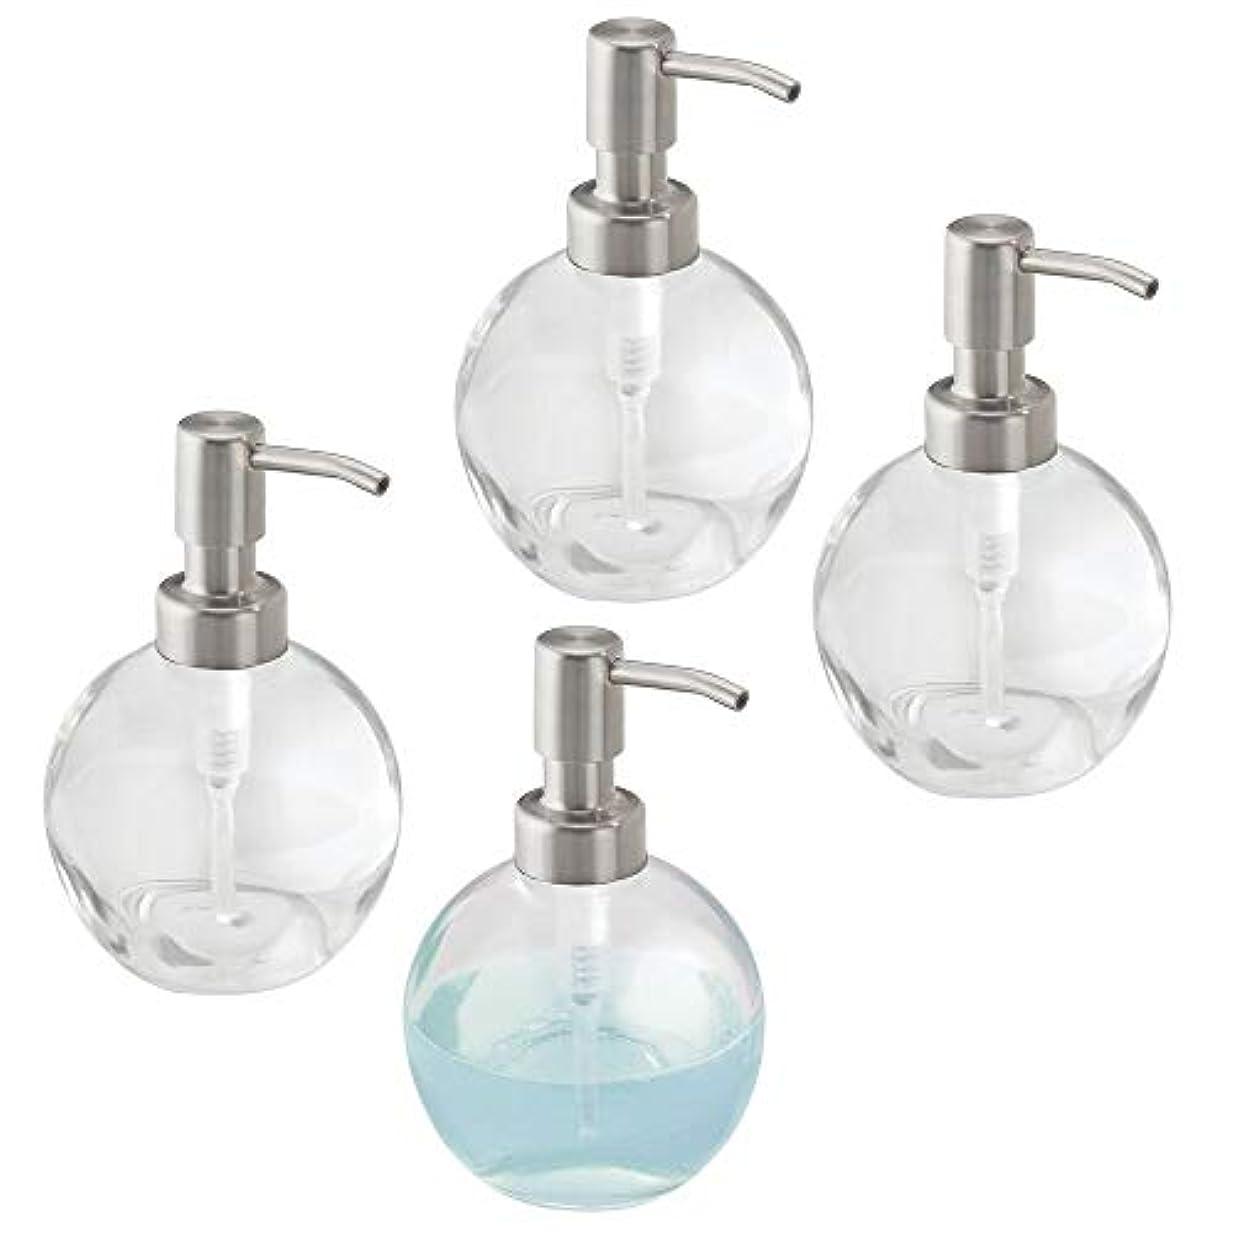 過ち民兵ぜいたくmDesign Liquid Hand Soapガラスディスペンサーポンプボトルのキッチン、バスルーム|もCan Be Used For Hand Lotion & Essential Oils – 4のパック、ラウンド...